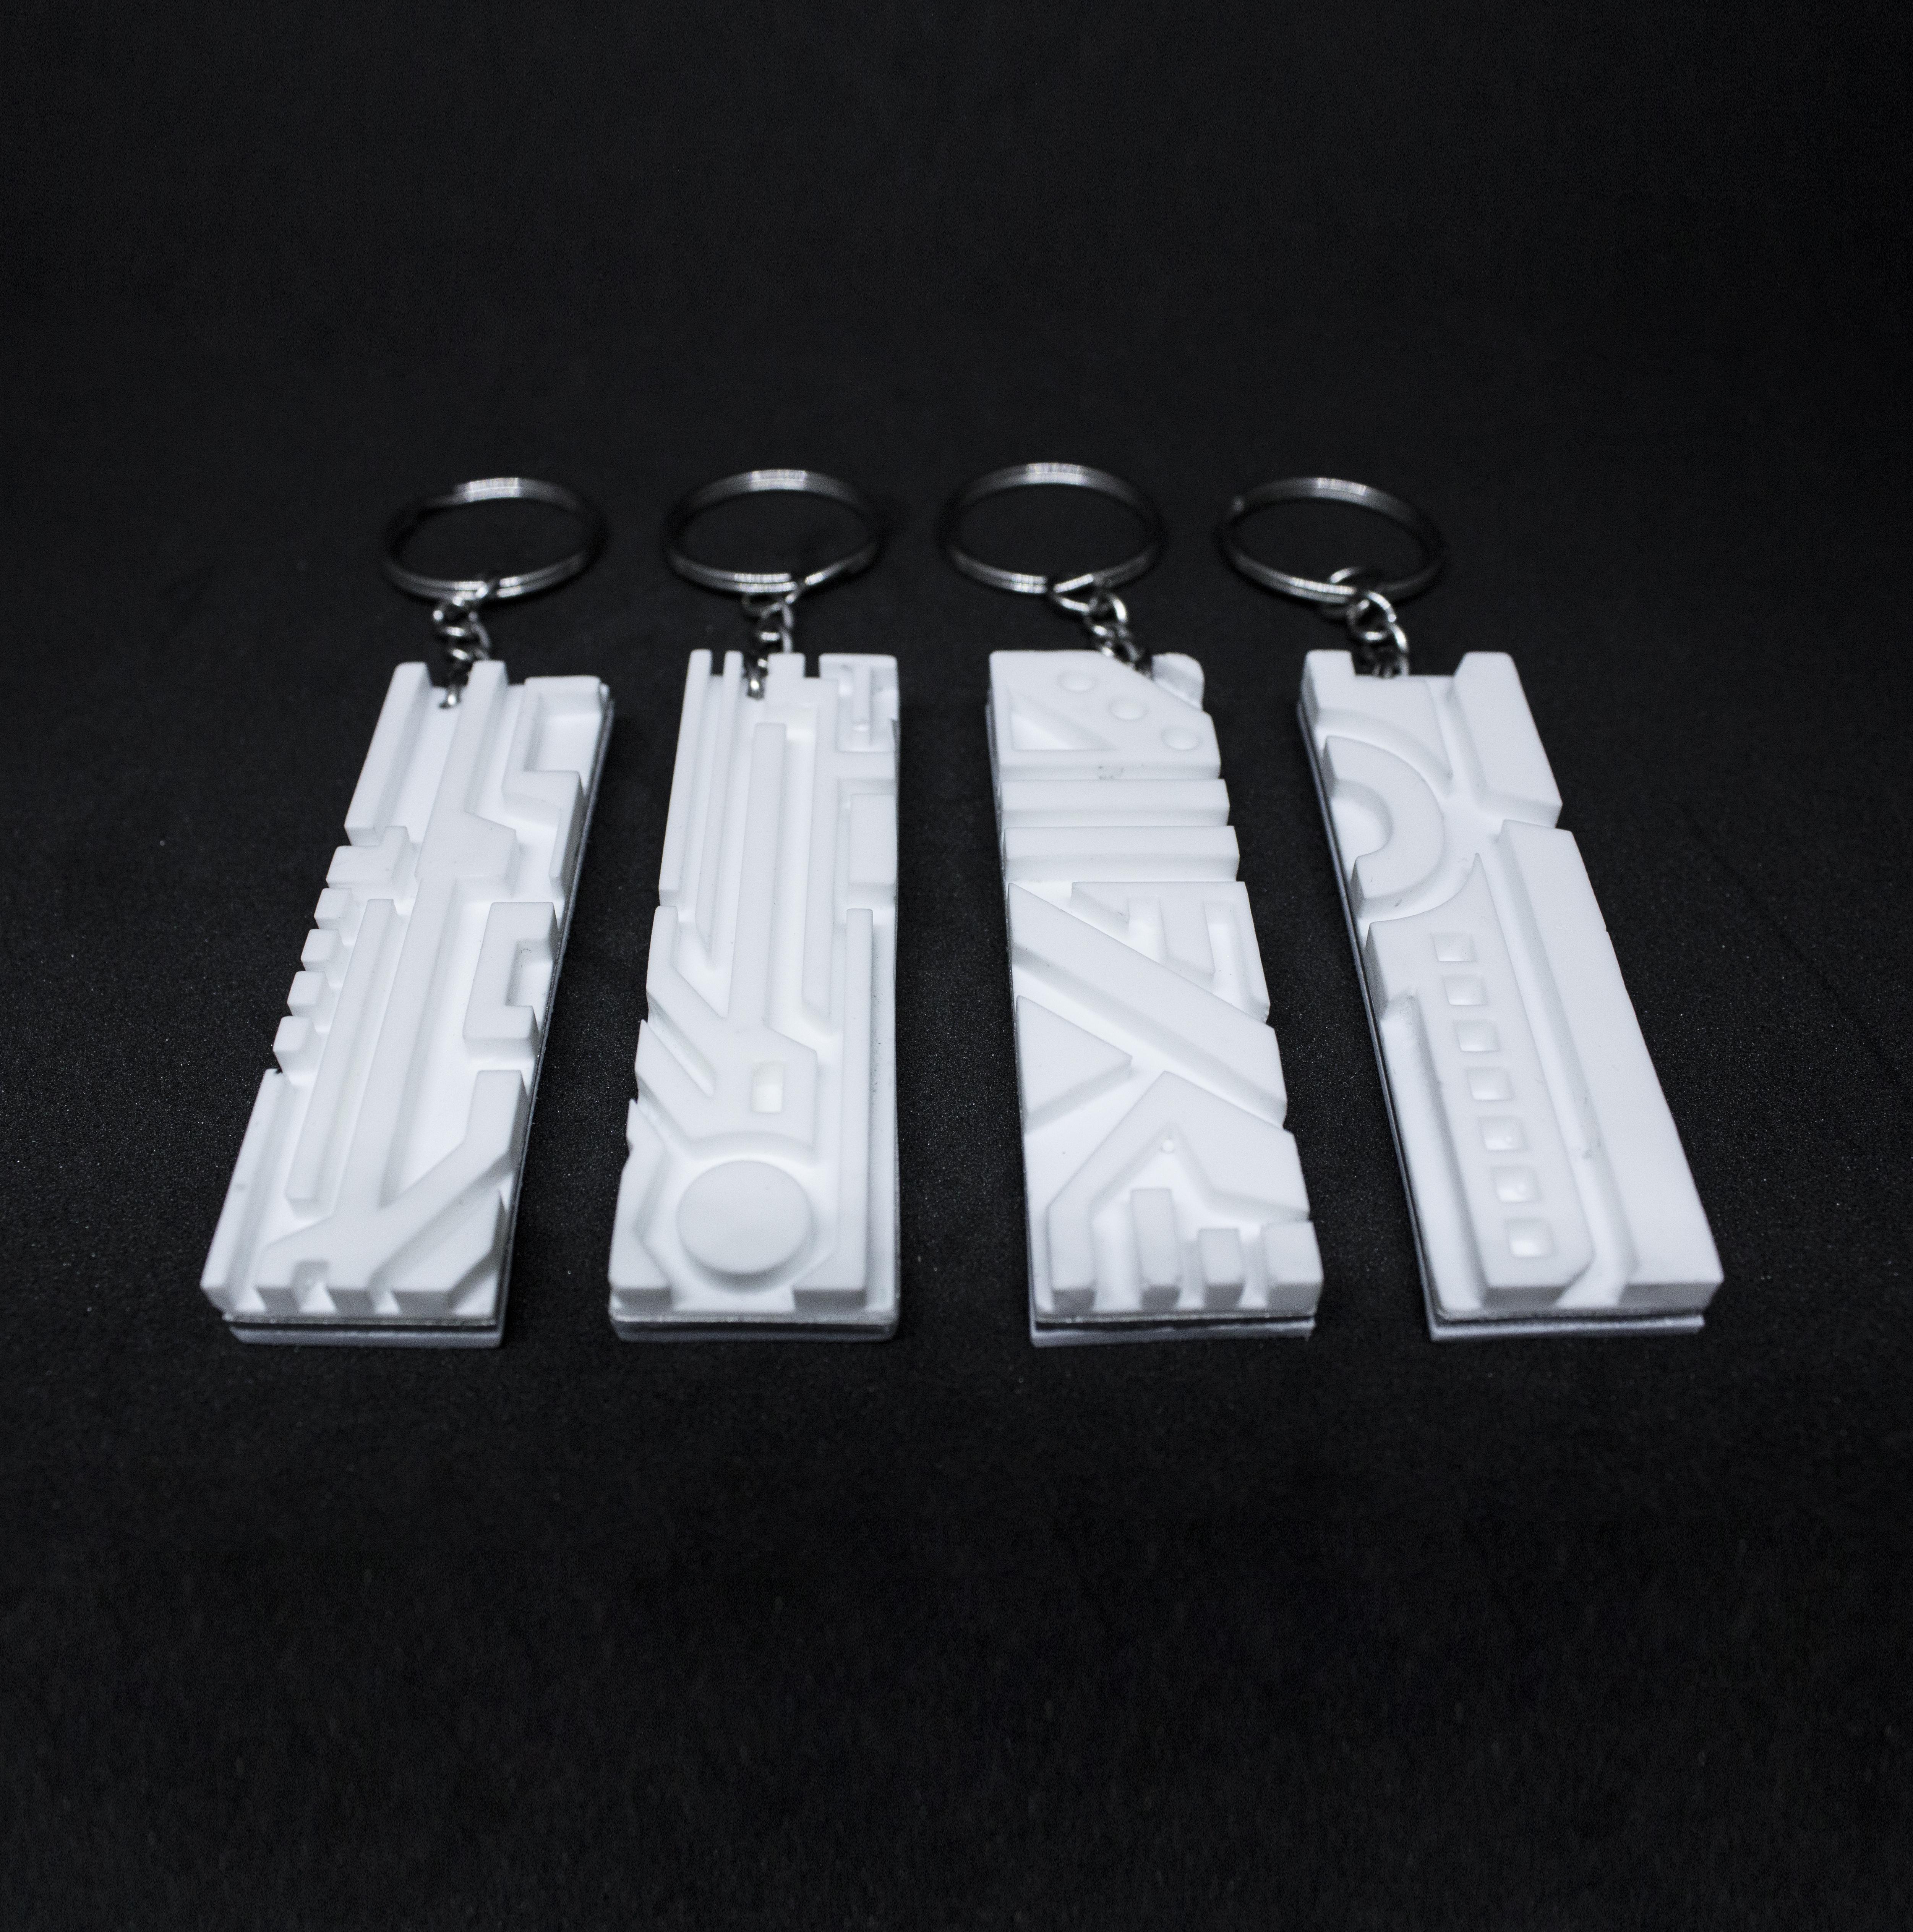 Keychains - White